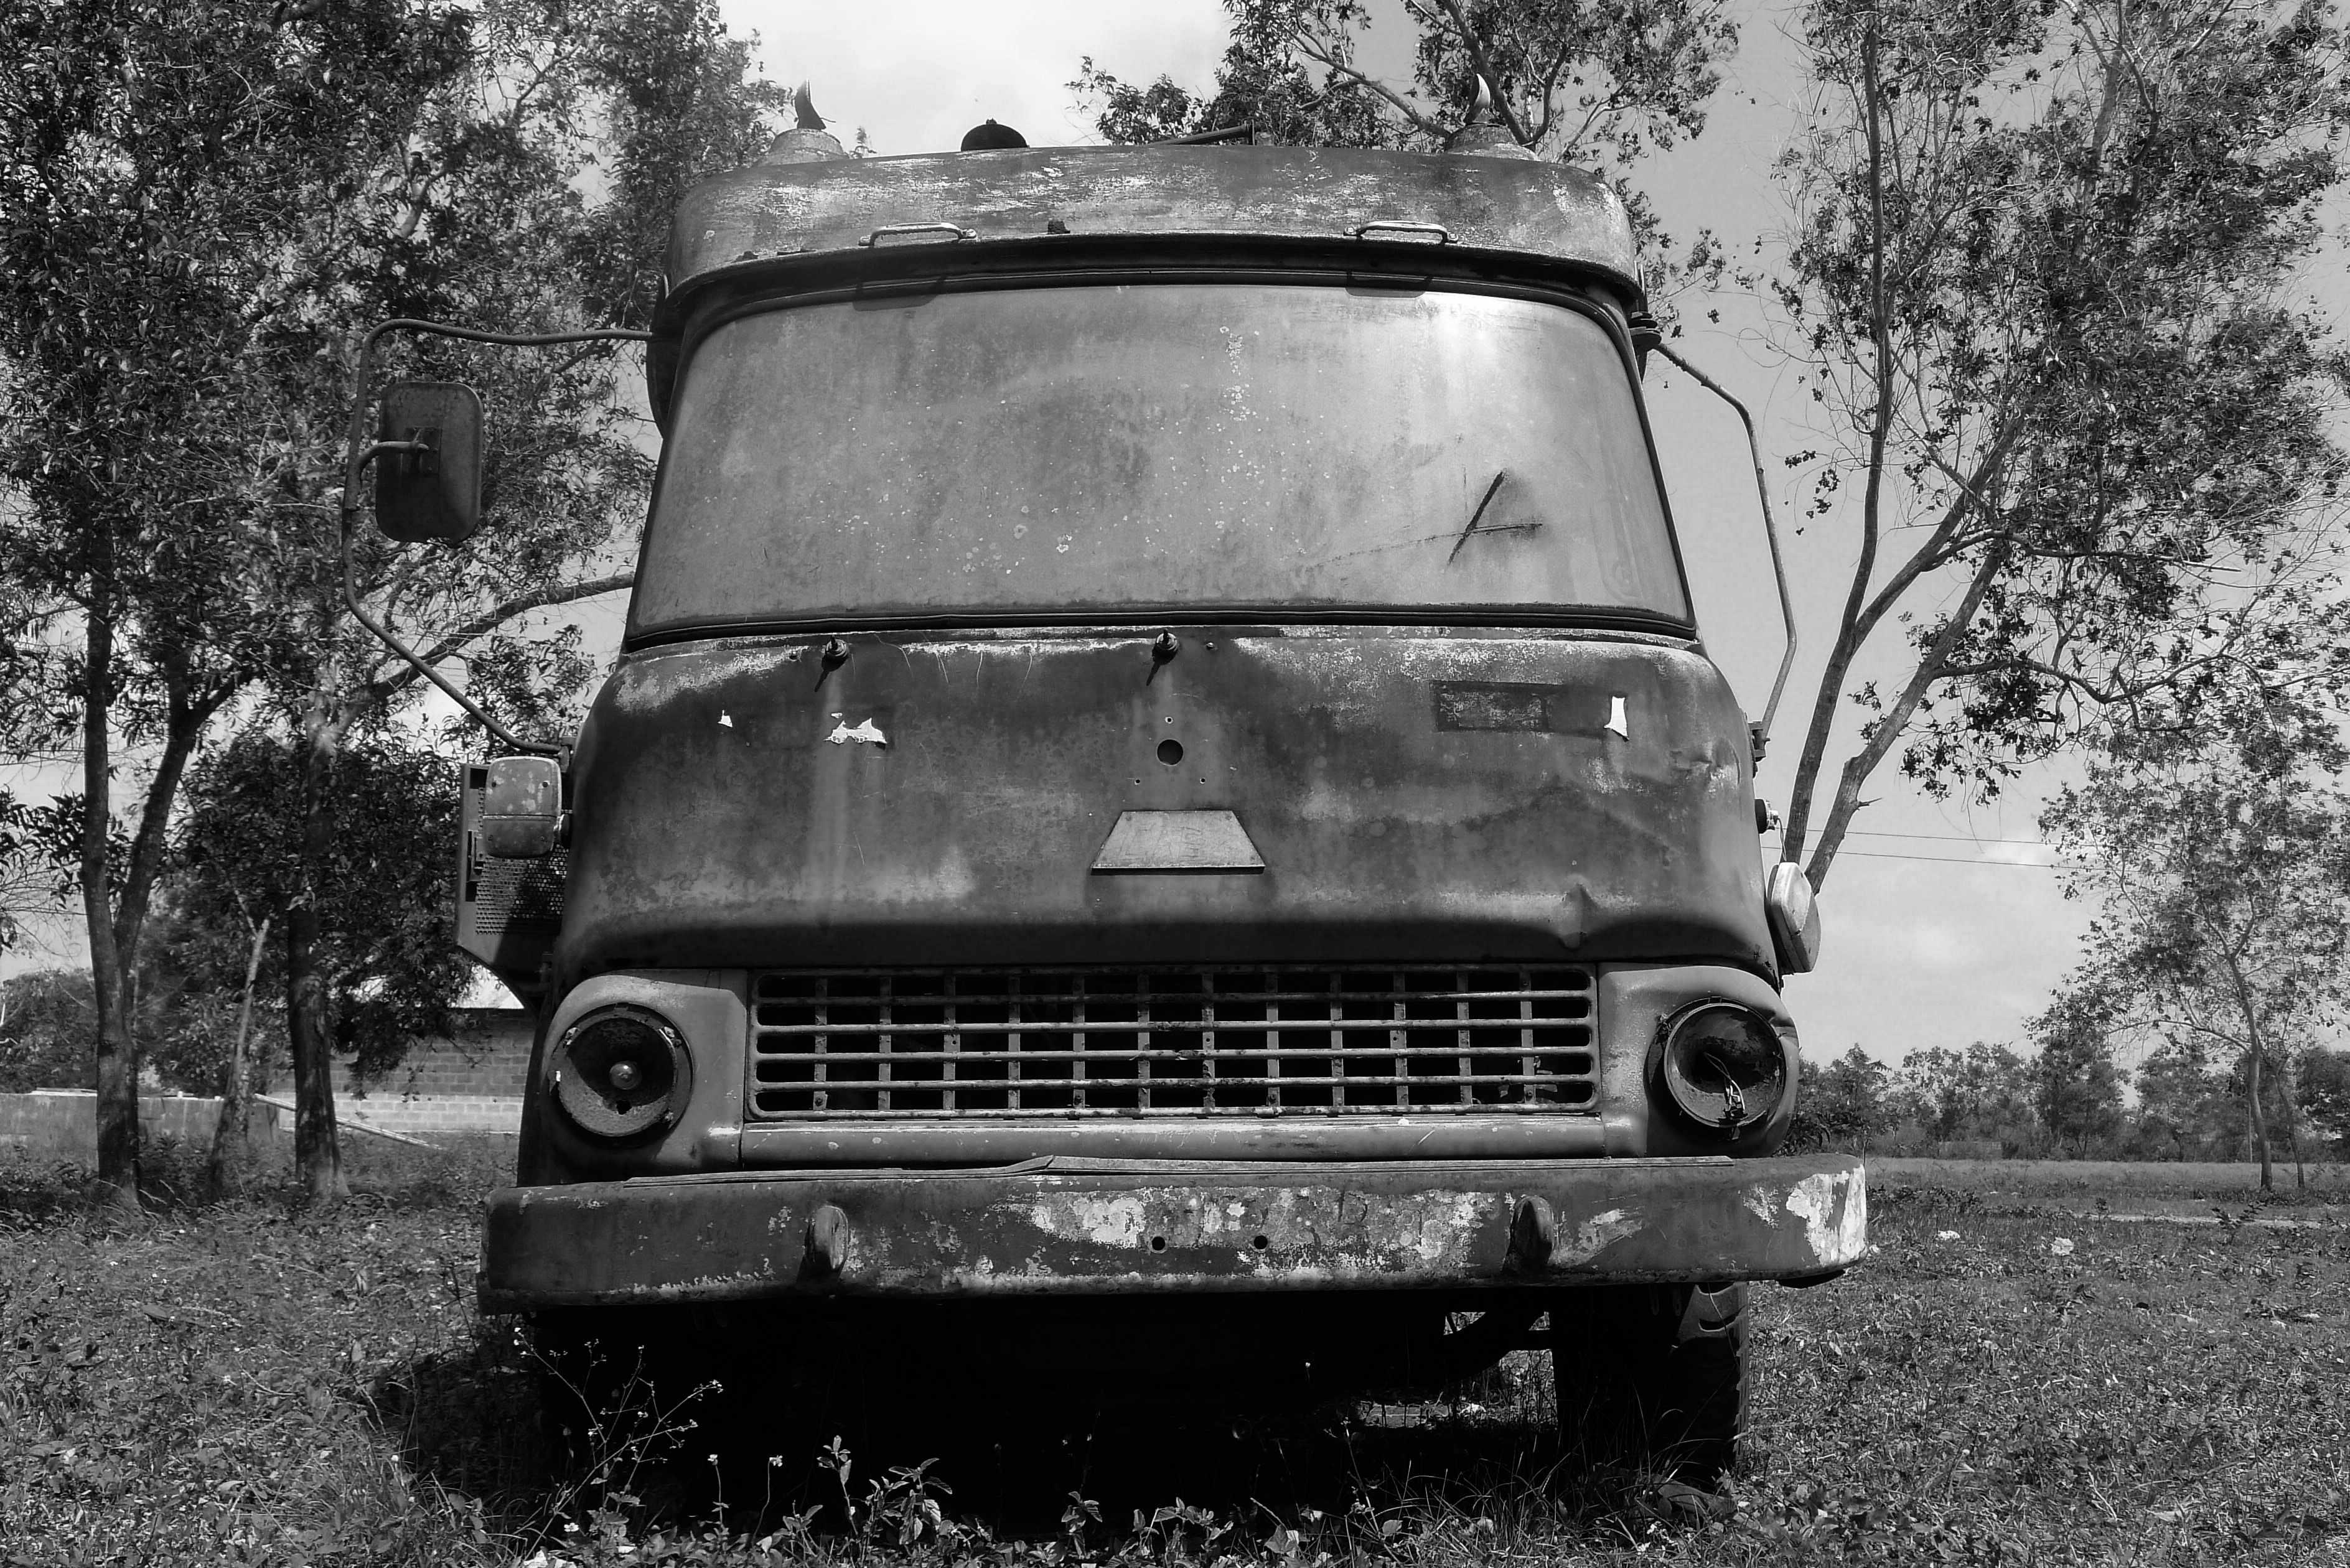 Abandoned fire vehicle, Kitogani Fire Station